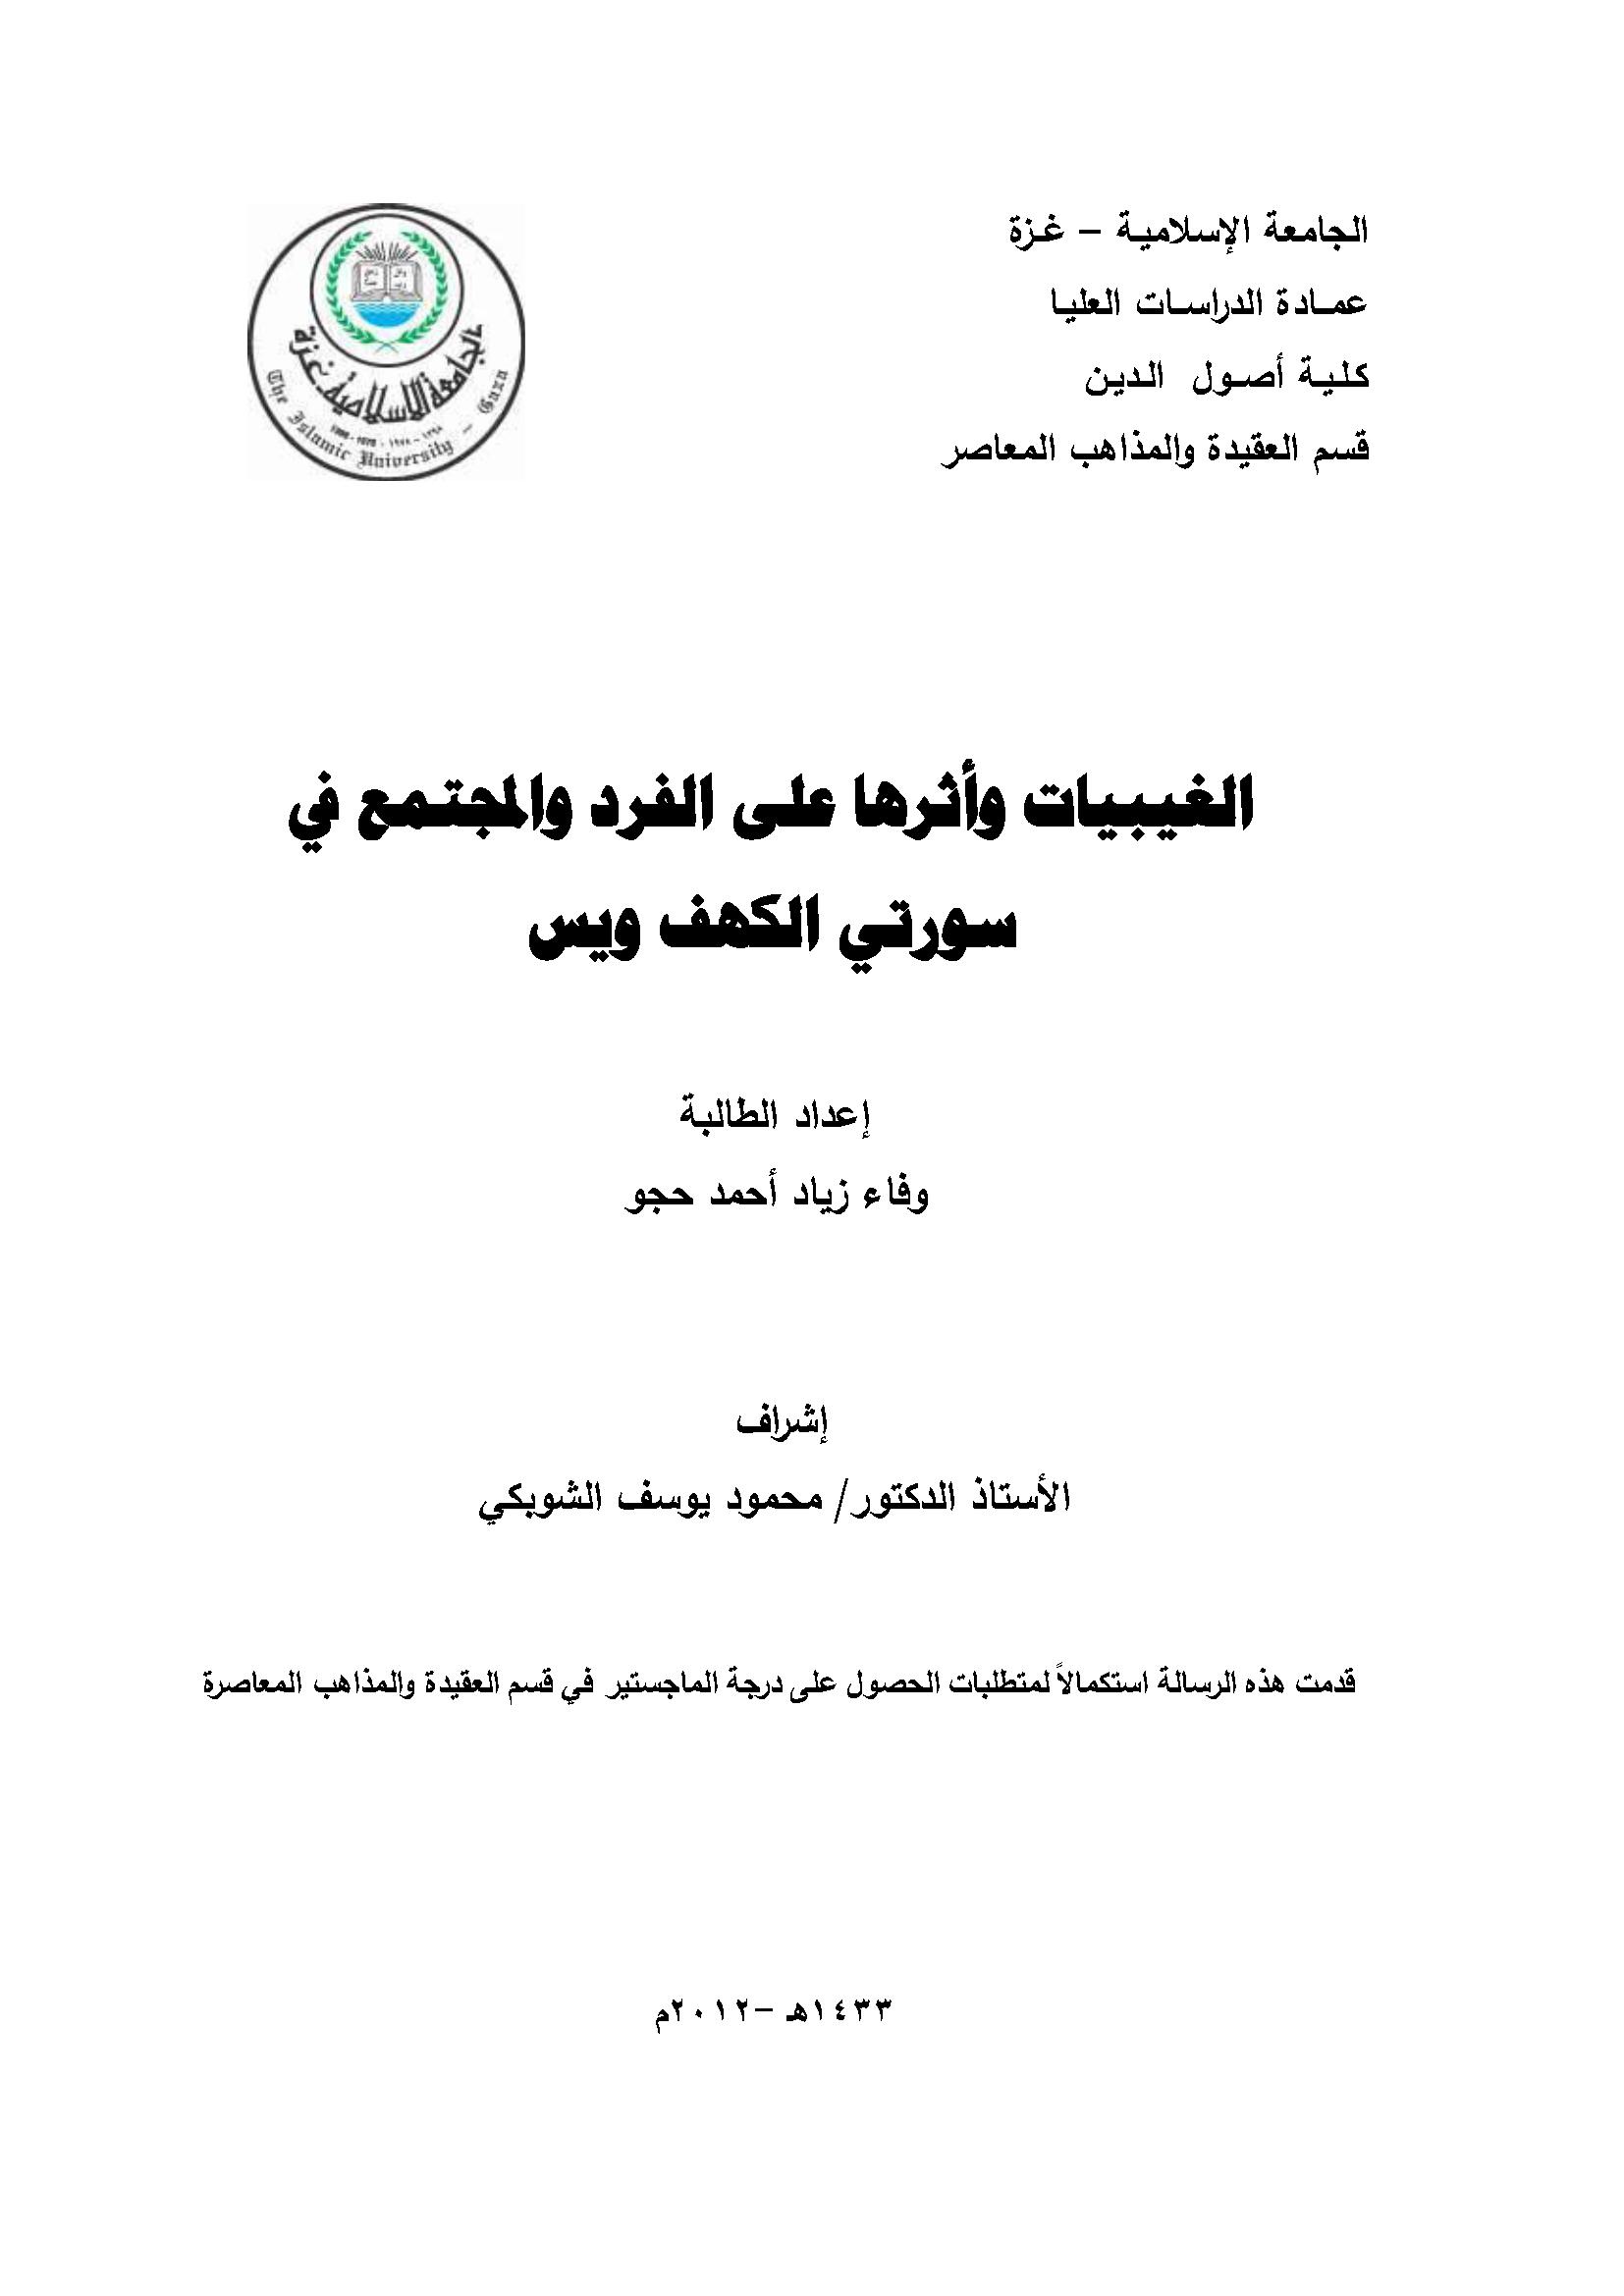 تحميل كتاب الغيبيات وأثرها على الفرد والمجتمع في سورتي الكهف ويس لـِ: وفاء زياد أحمد حجو